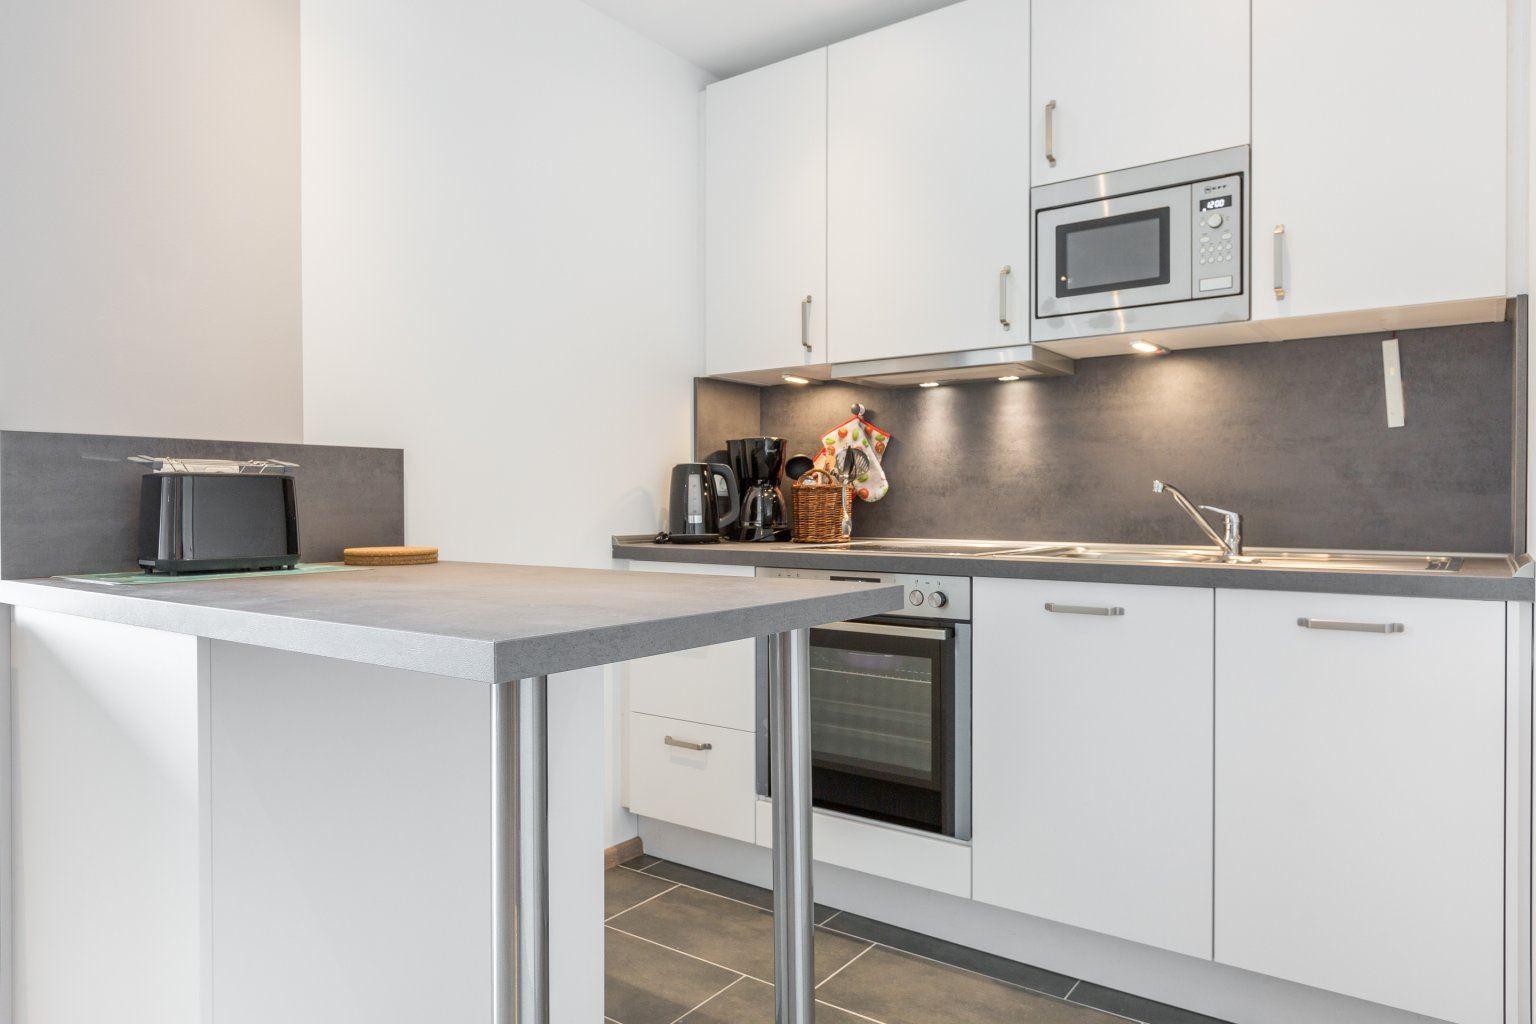 Küche - Haus Atlantic, Wohnung 93, 3-Zimmer-Ferienwohnung für bis zu 4 Personen, Alter Badweg 11-15, St. Peter-Bad